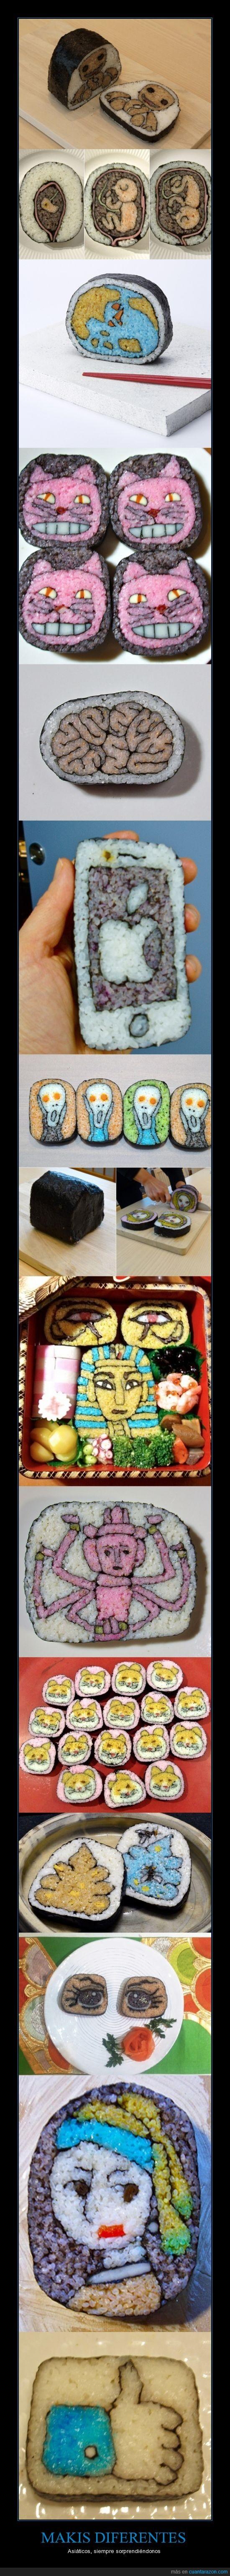 alga,arroz,arte,cara,color,cuadro,forma iphone,japon,joven de la perla,maki,sushi